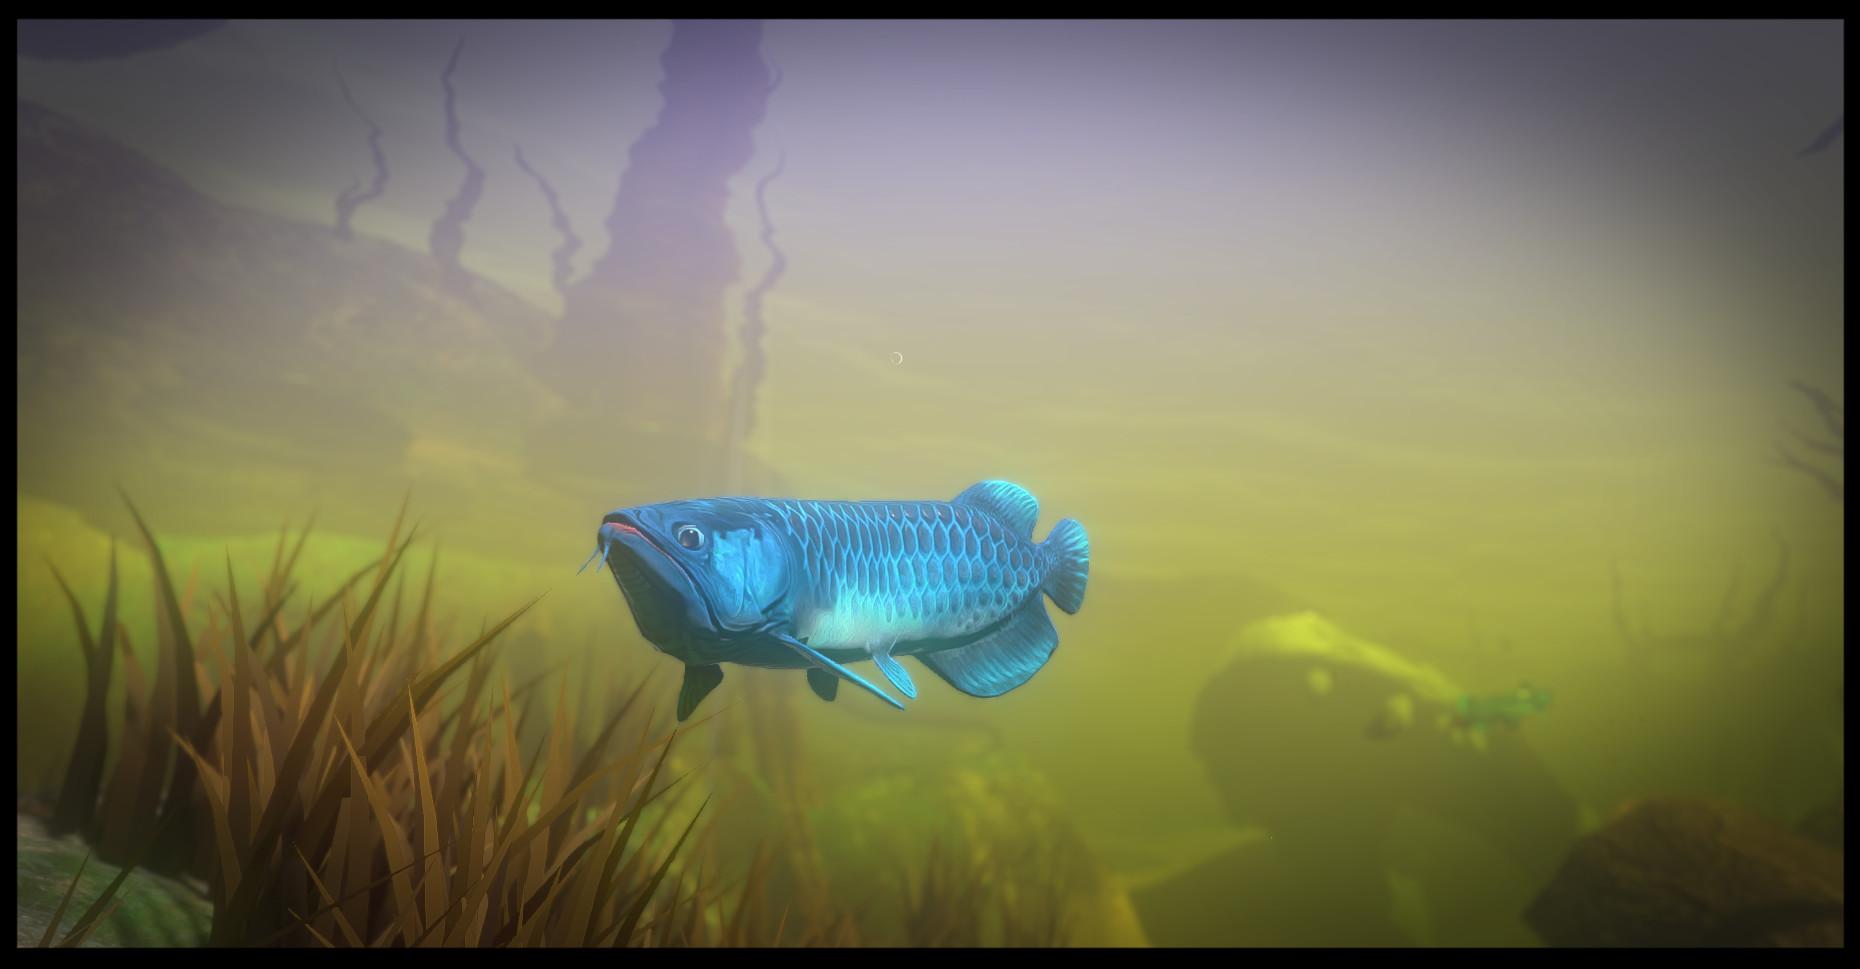 小鱼也变大白鲨!海底冒险游戏《海底大猎杀》PC配置公开